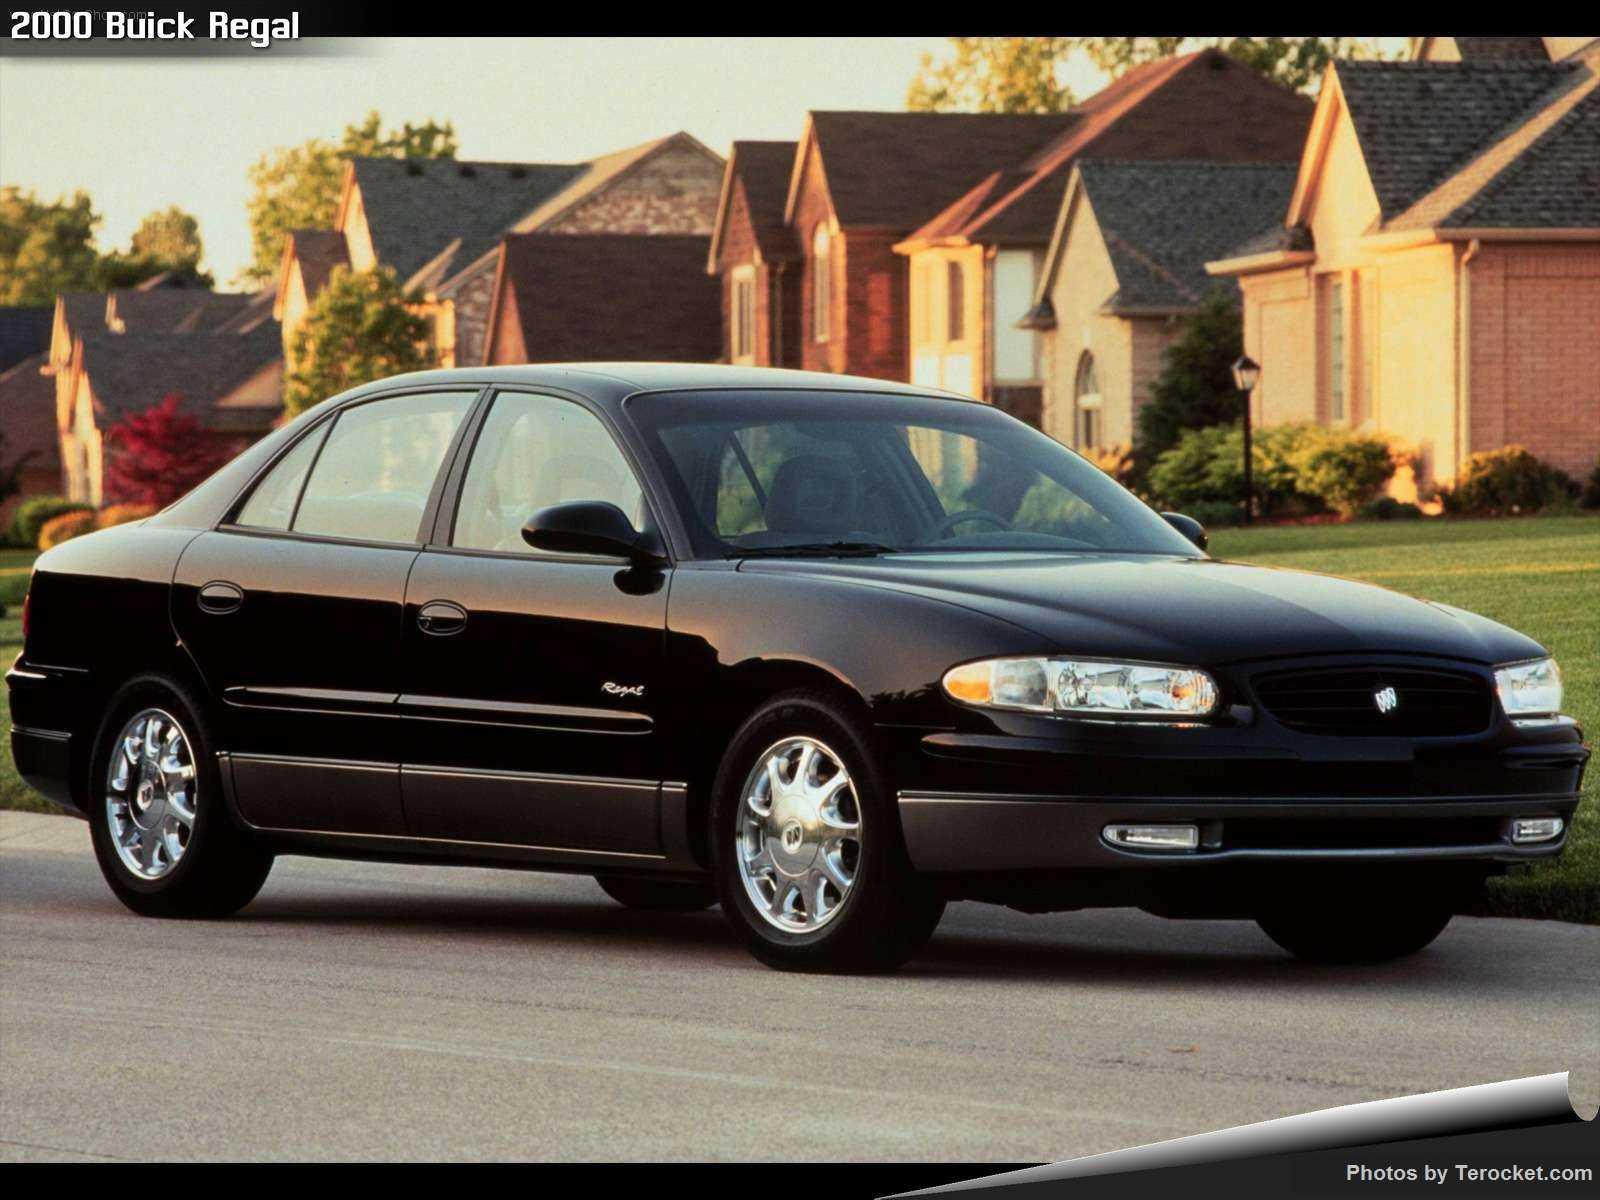 Hình ảnh xe ô tô Buick Regal 2000 & nội ngoại thất